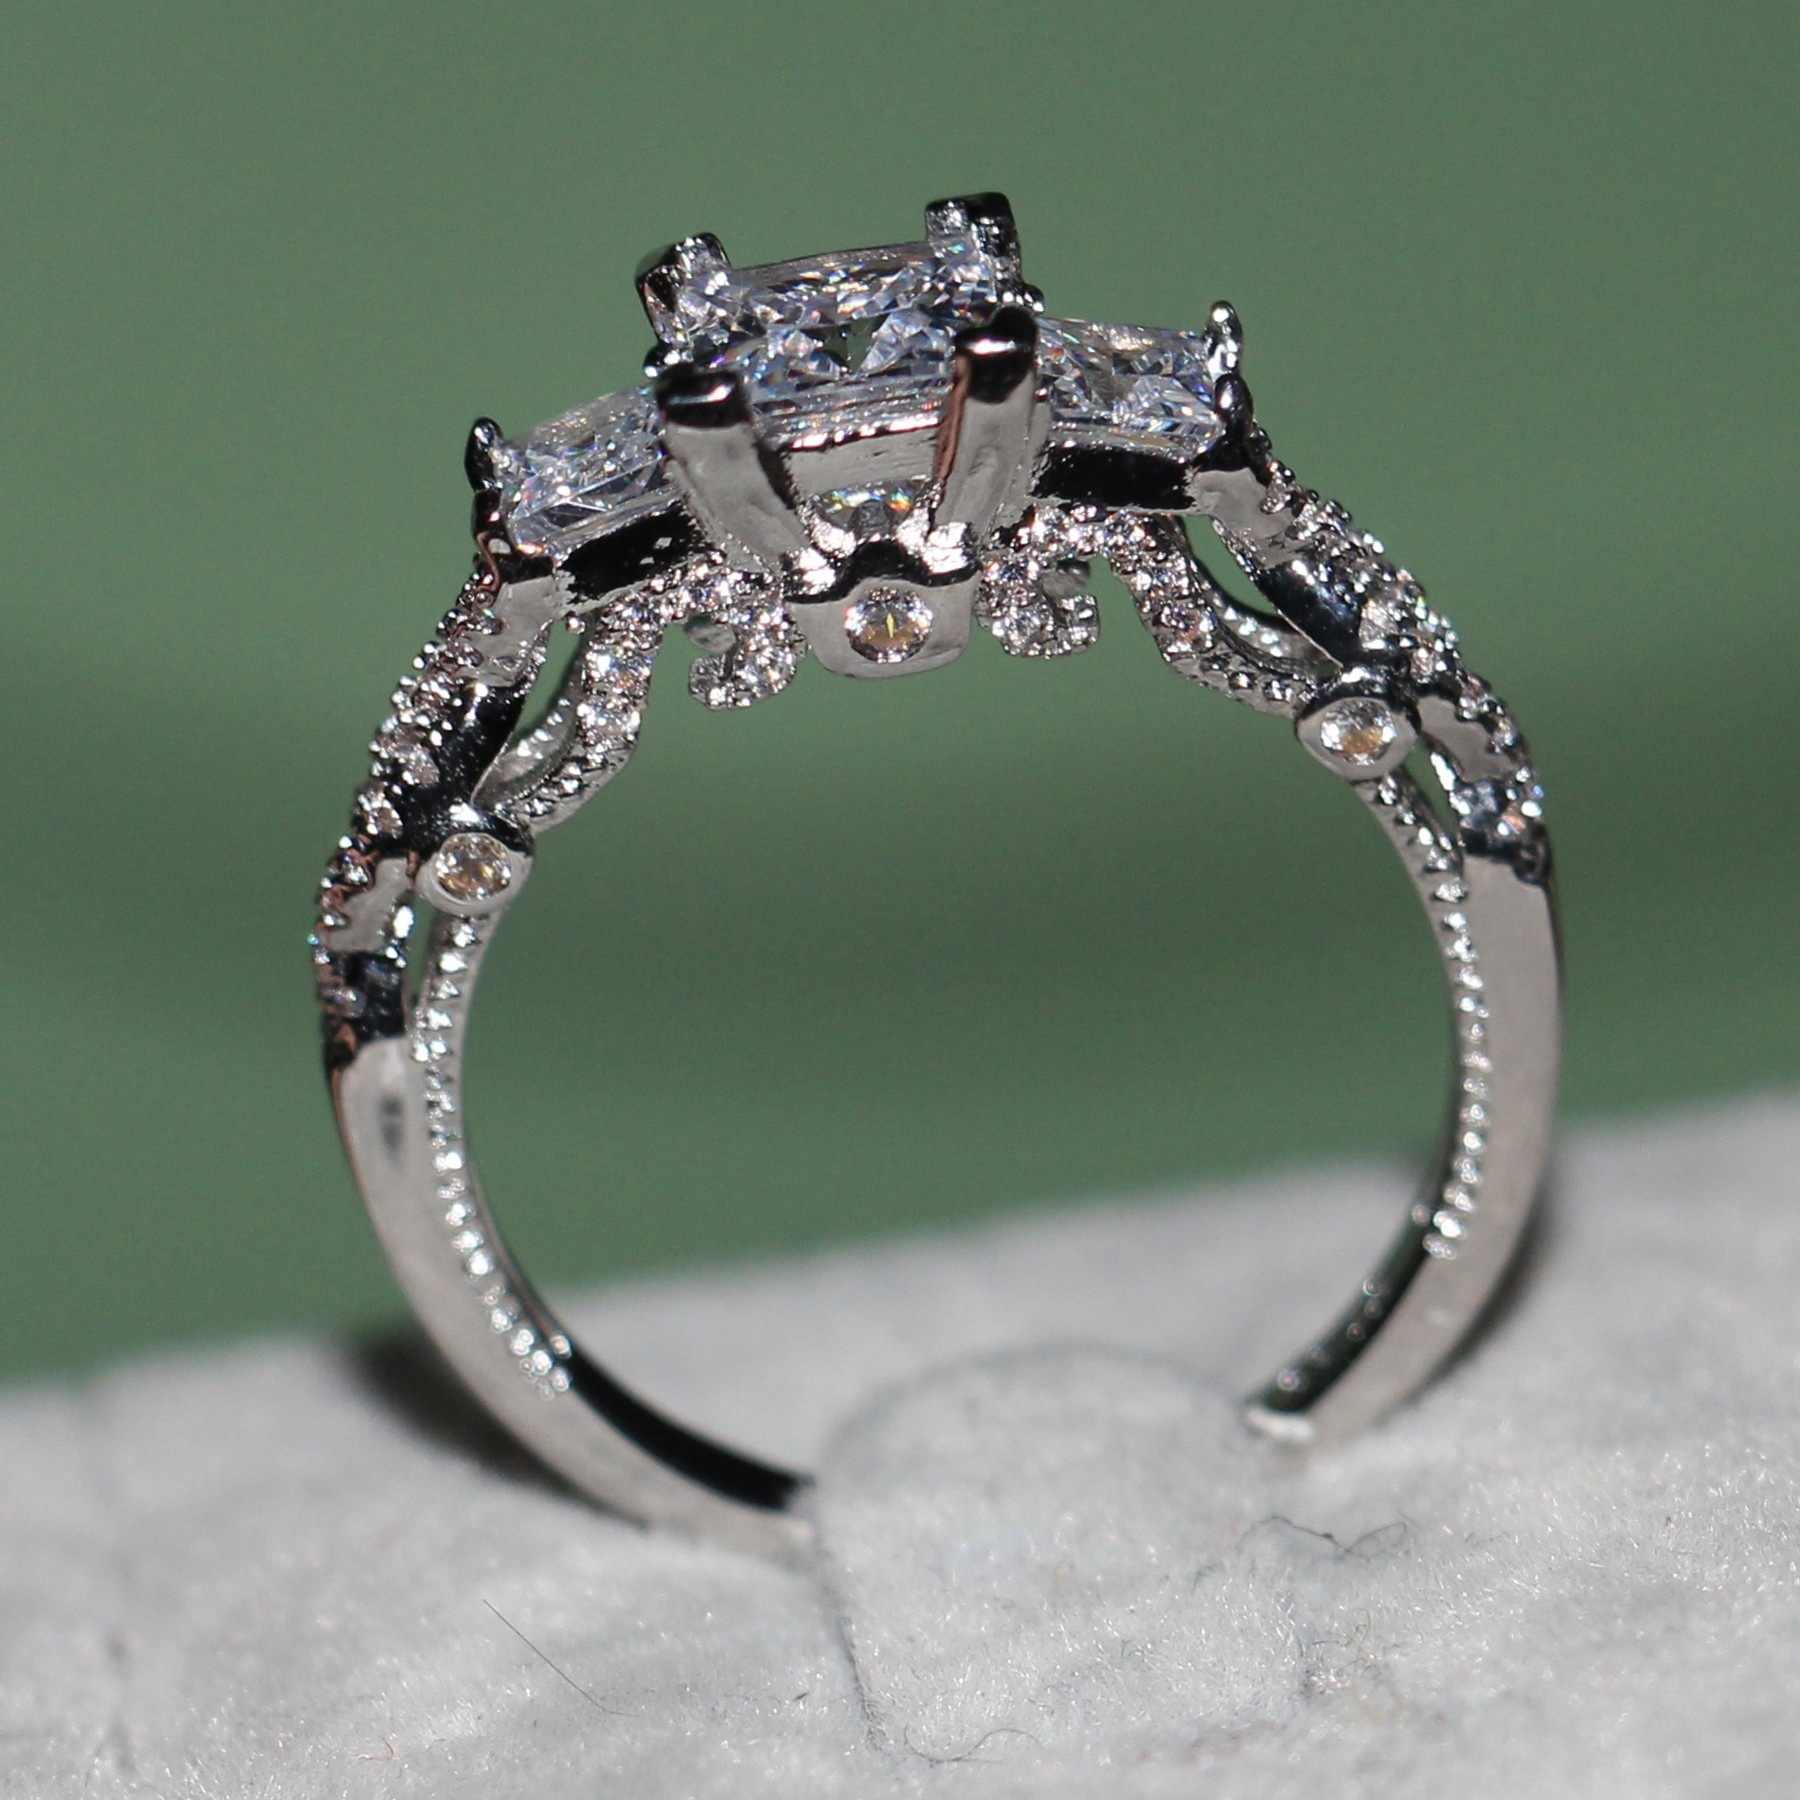 ใหม่ล่าสุด Clear 3 หิน Zircon Ring แหวนผู้หญิง Gold Filled Wedding Party หมั้นแหวนสร้างสีขาว zircon เครื่องประดับของขวัญ